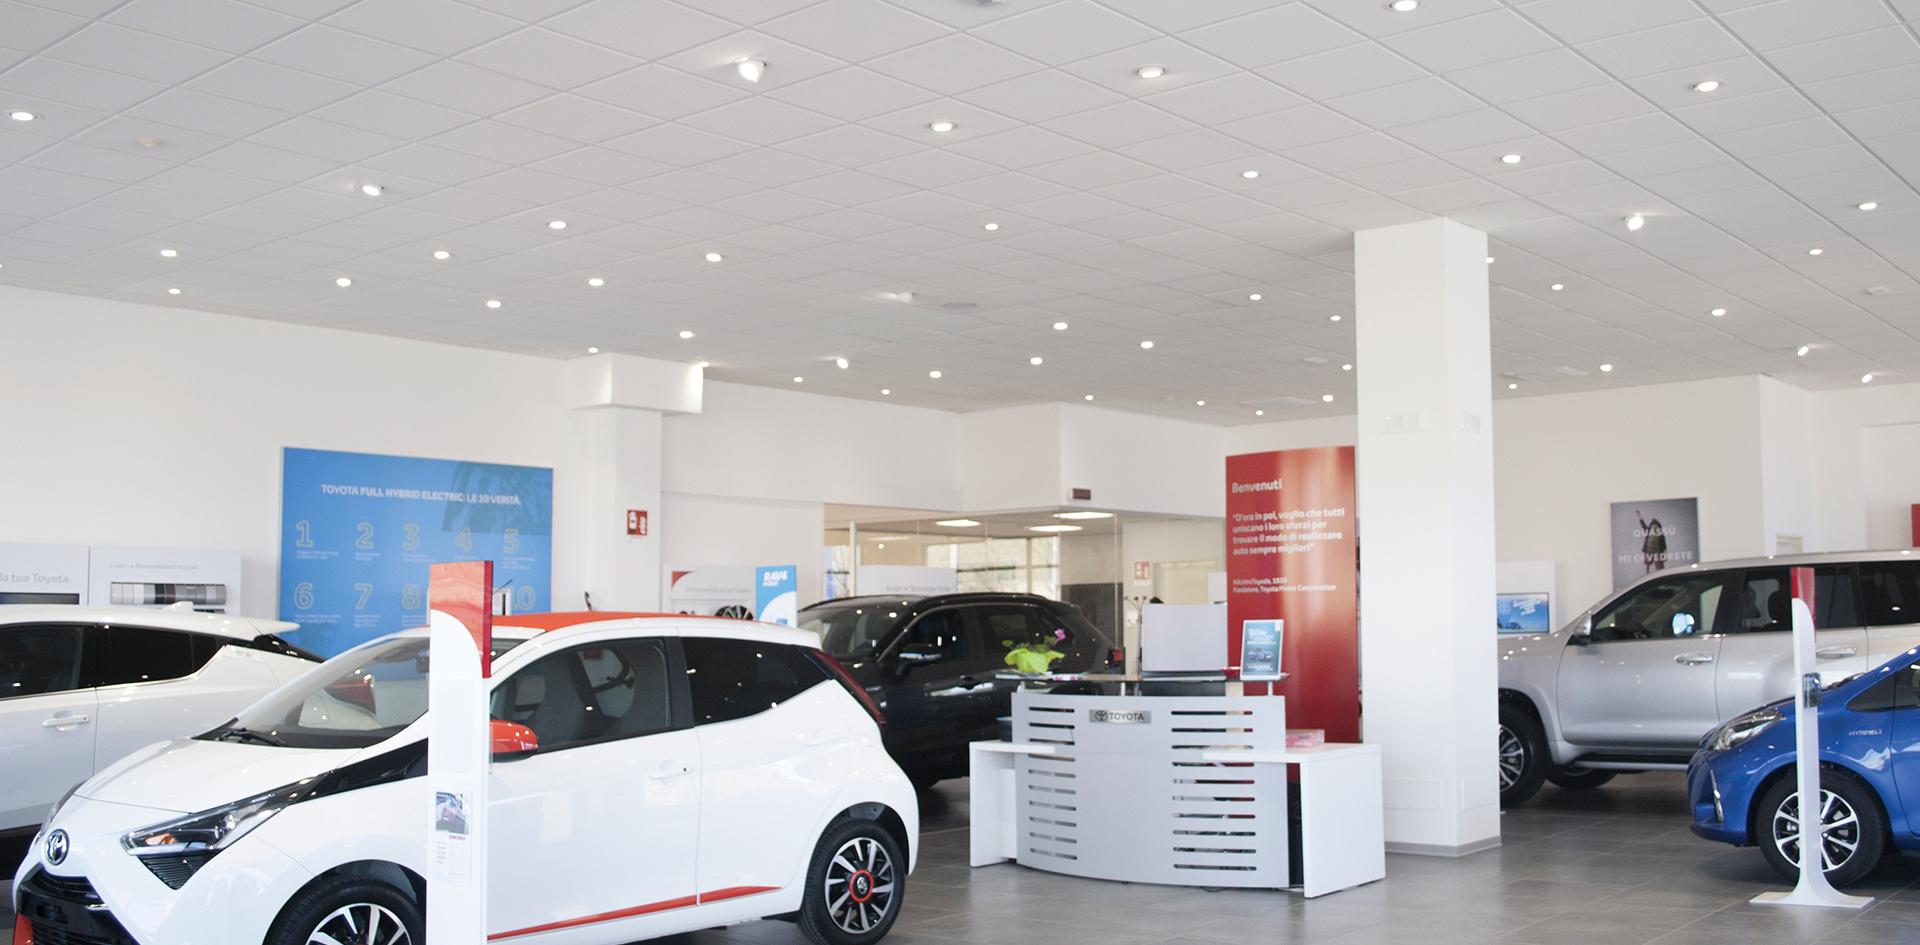 L Angolo Per L Ufficio Bra.Concessionaria Mattiauda Motors Bra Cn Luxi Illuminazione